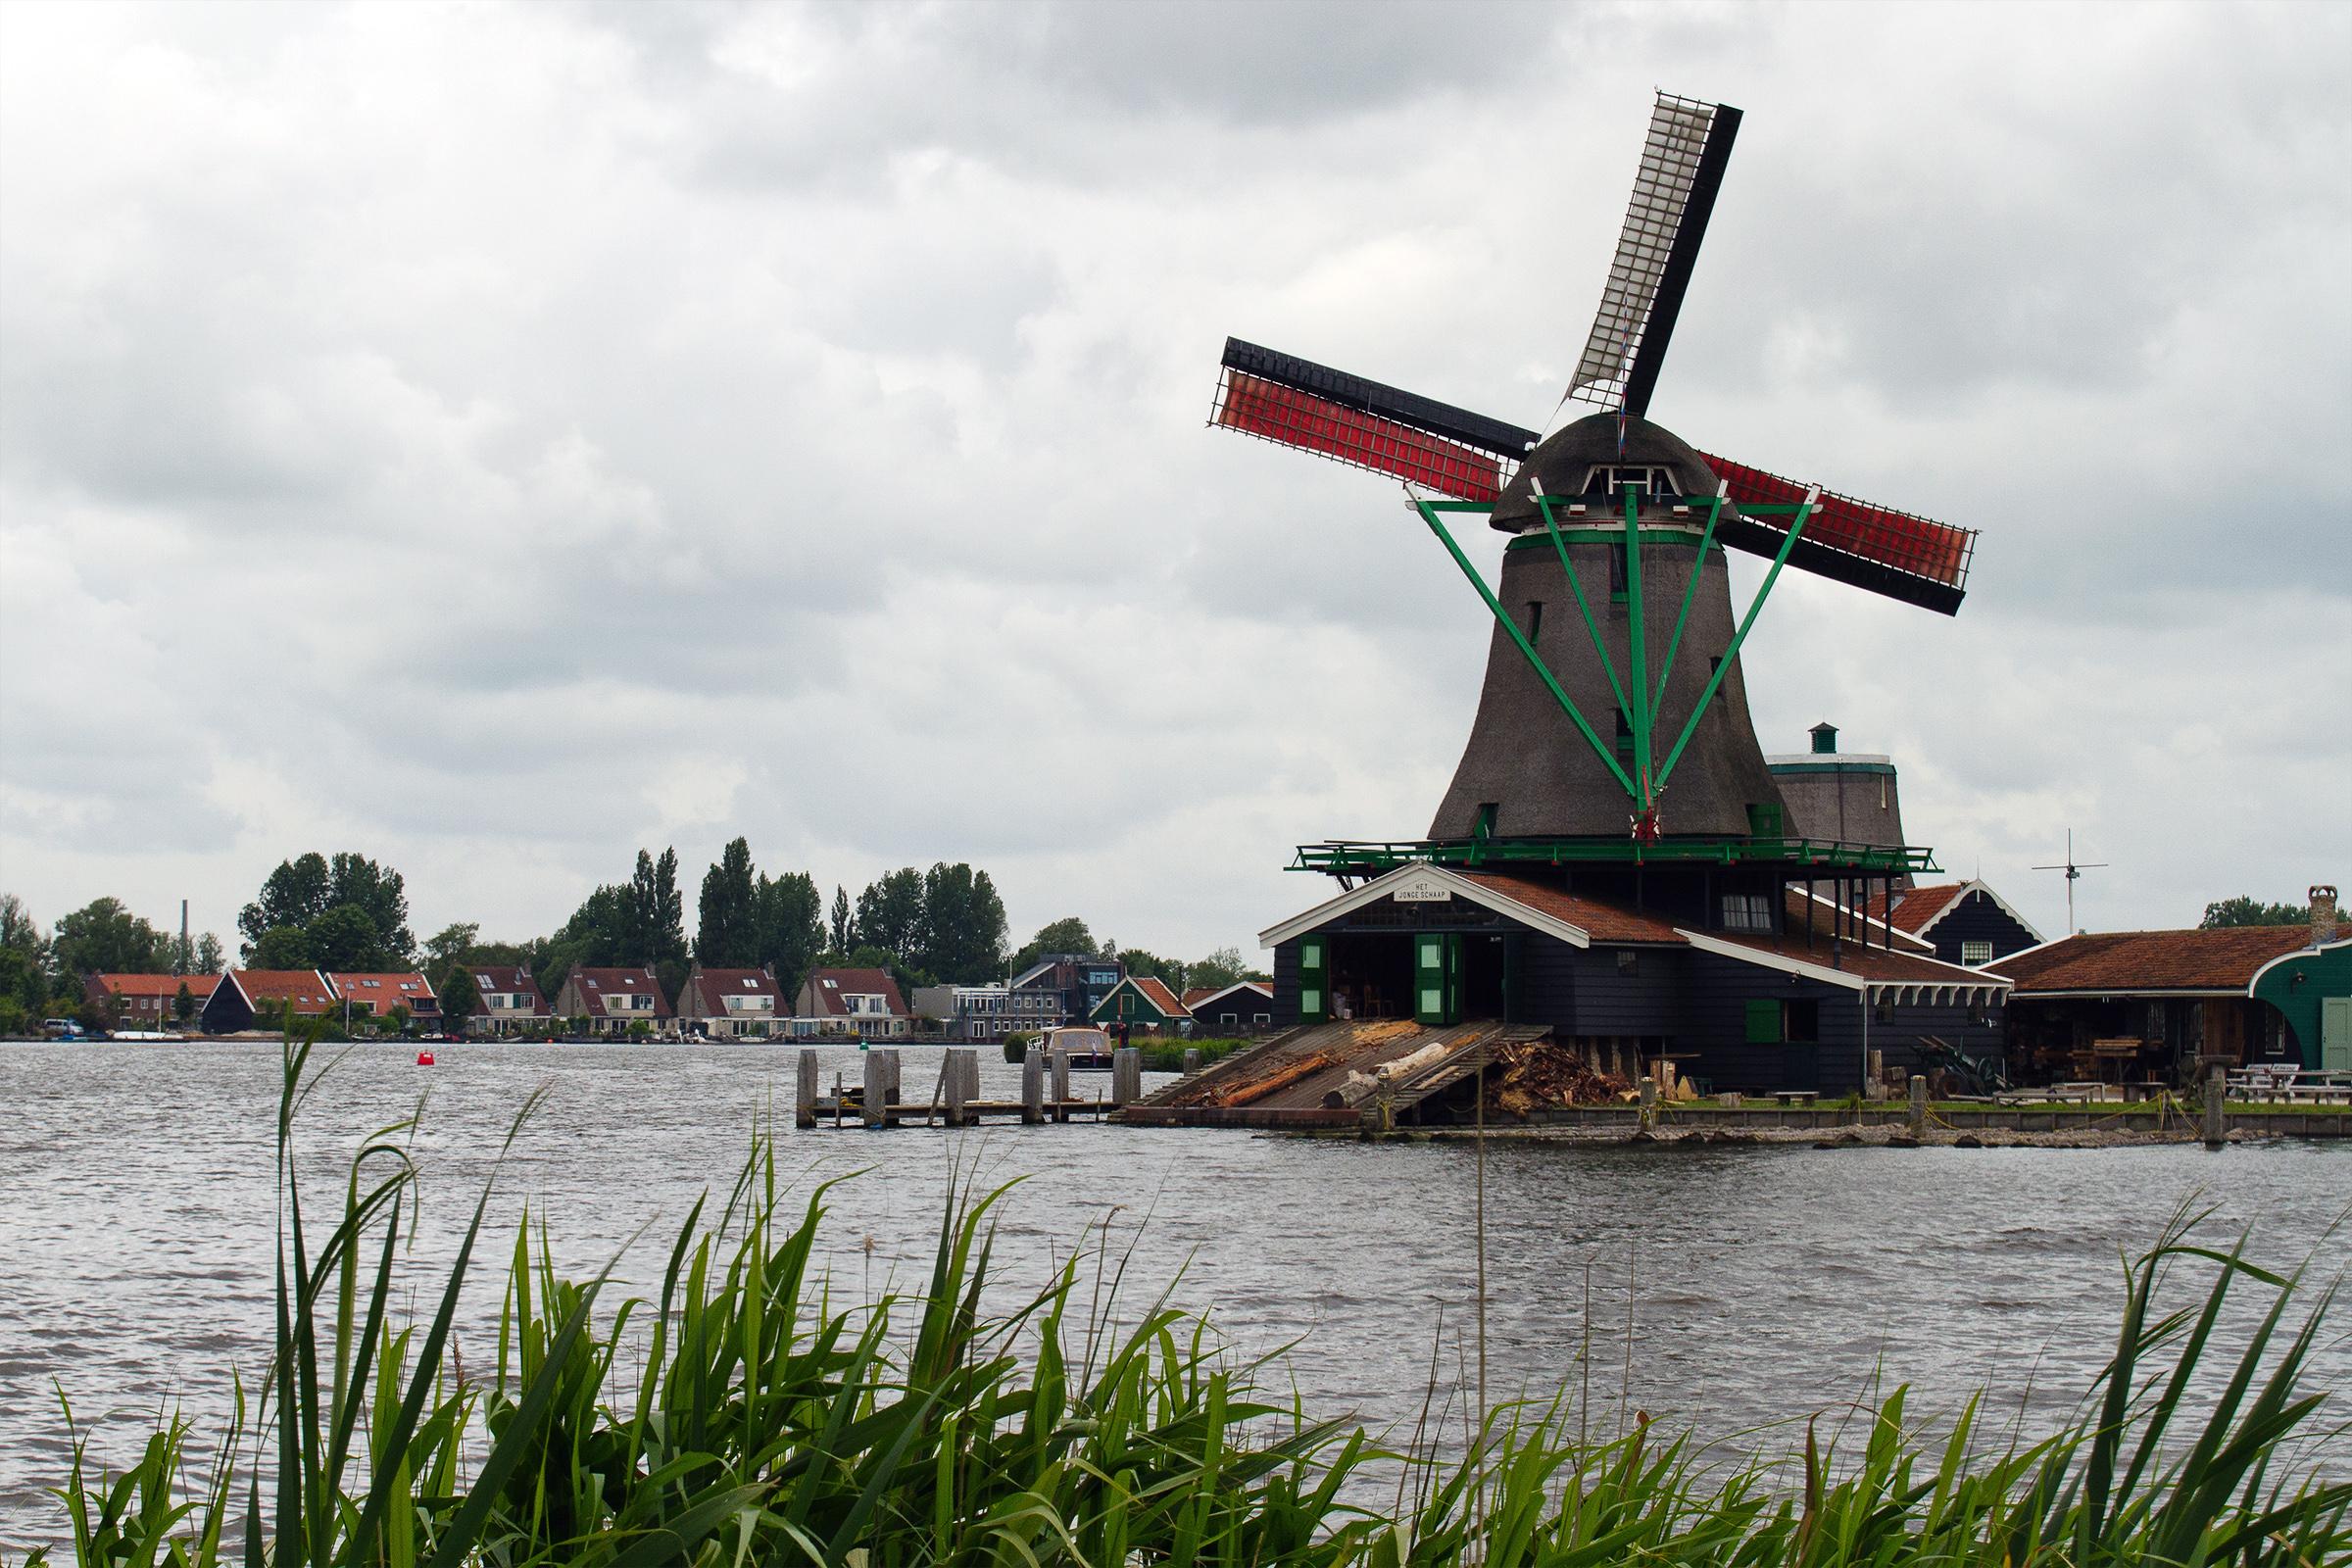 Windmill, Air, Rotate, House, Island, HQ Photo